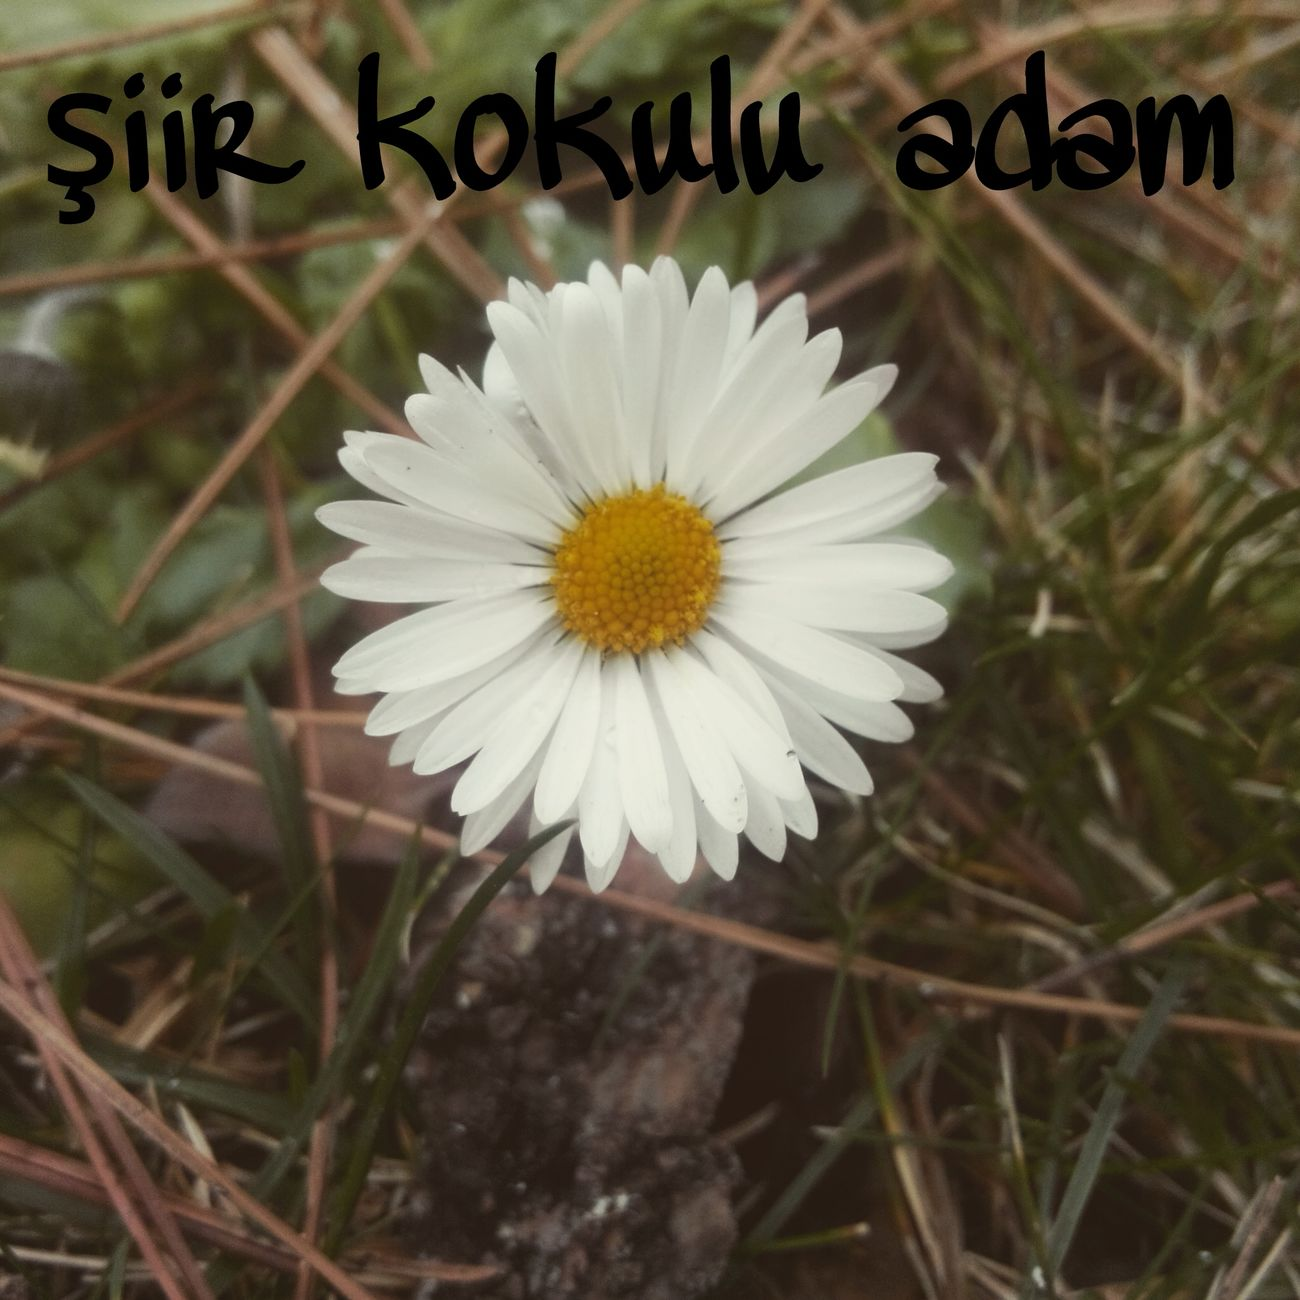 şiir Kokulu Adam